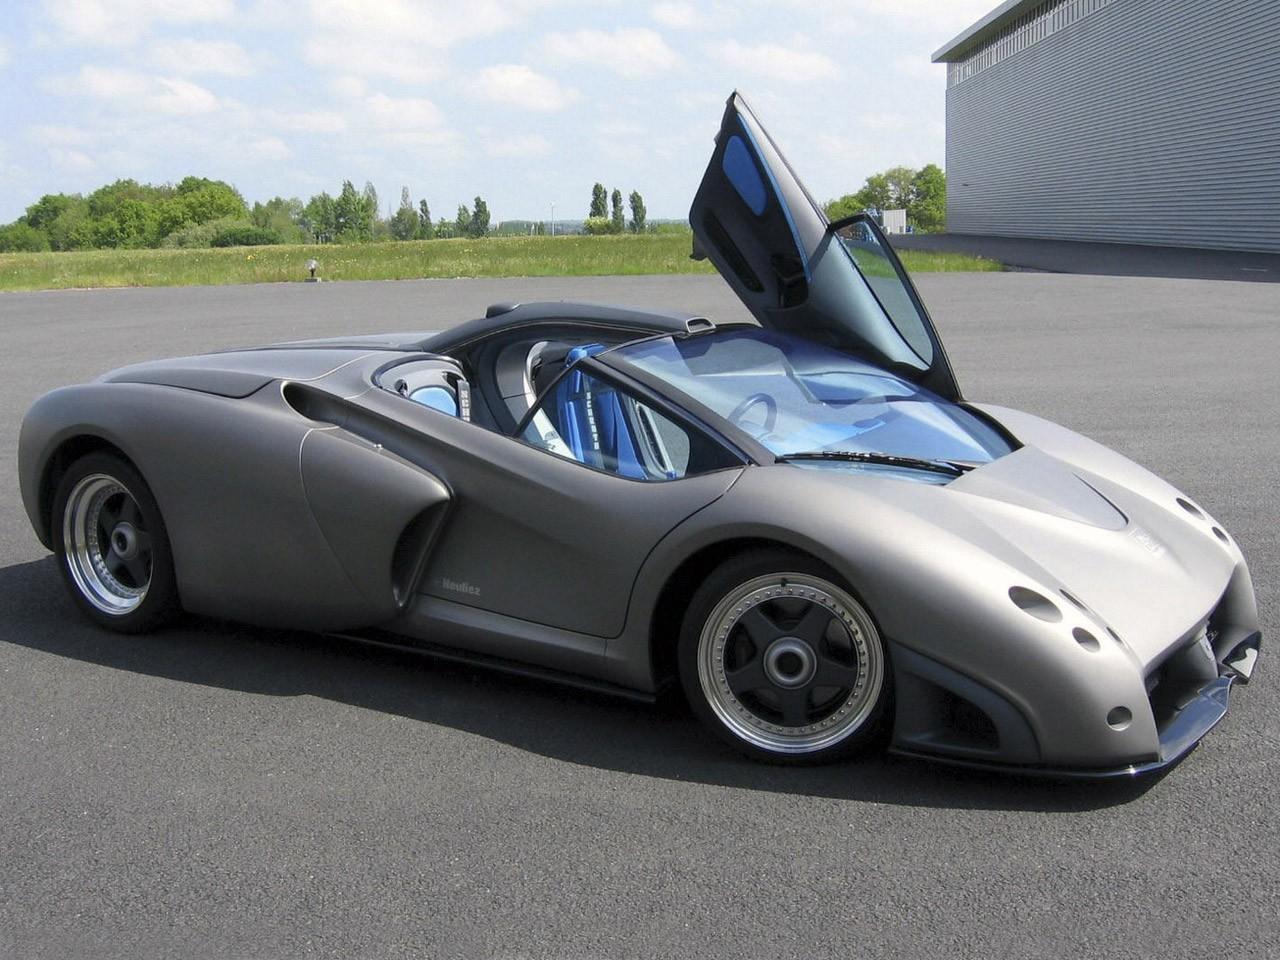 1998 Lamborghini Heuliez Pregunta Concept